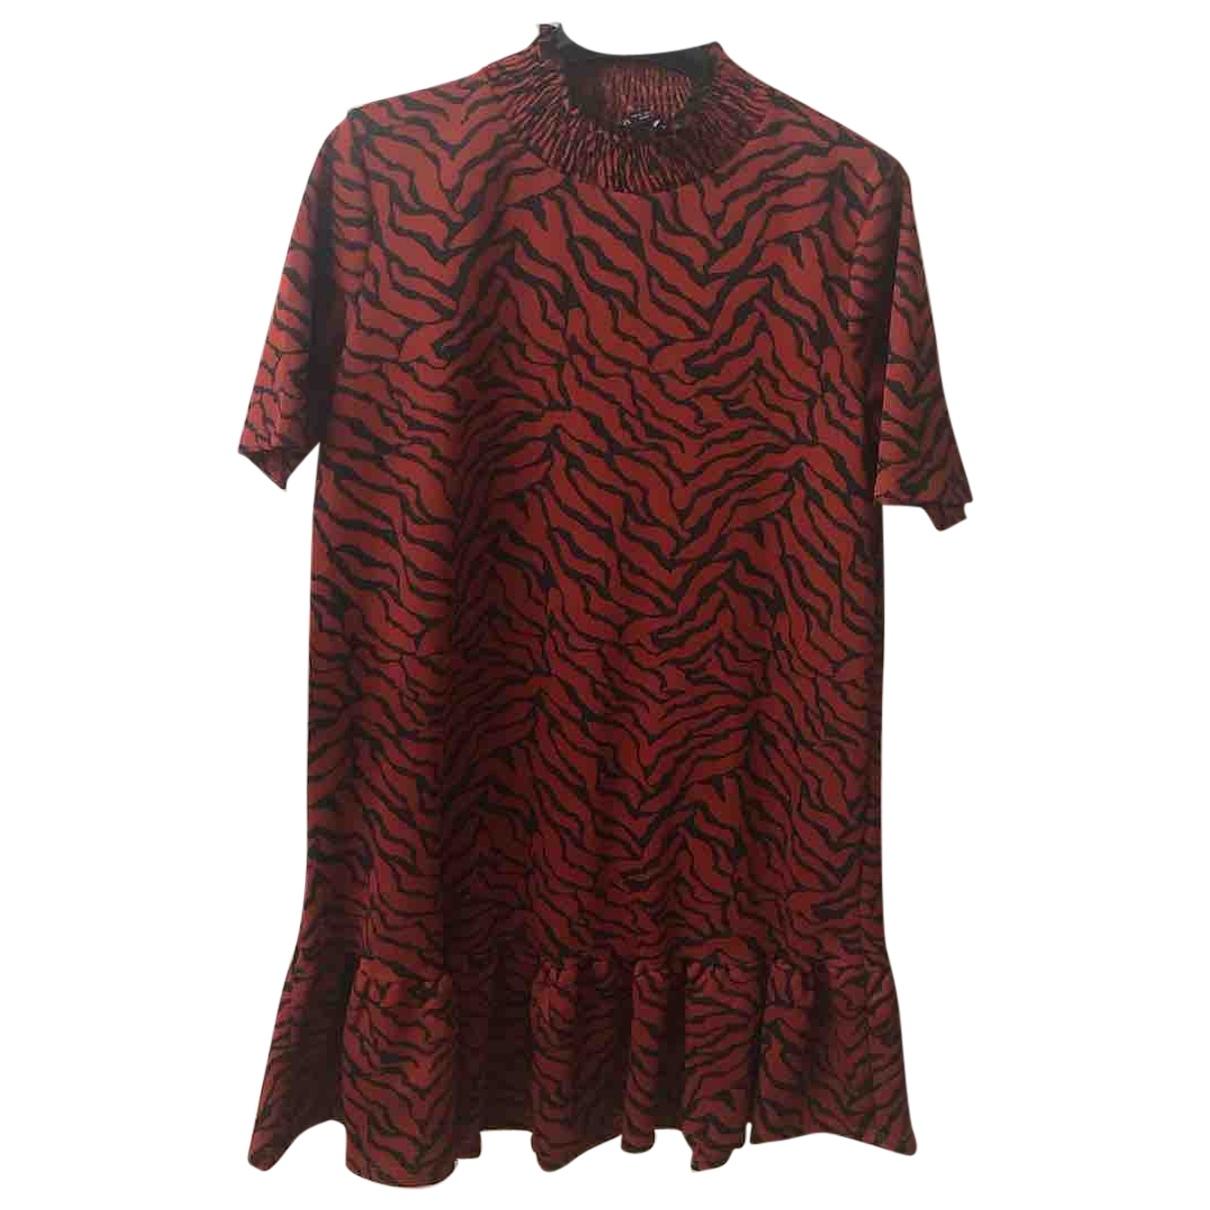 Zara \N Kleid in  Rot Polyester